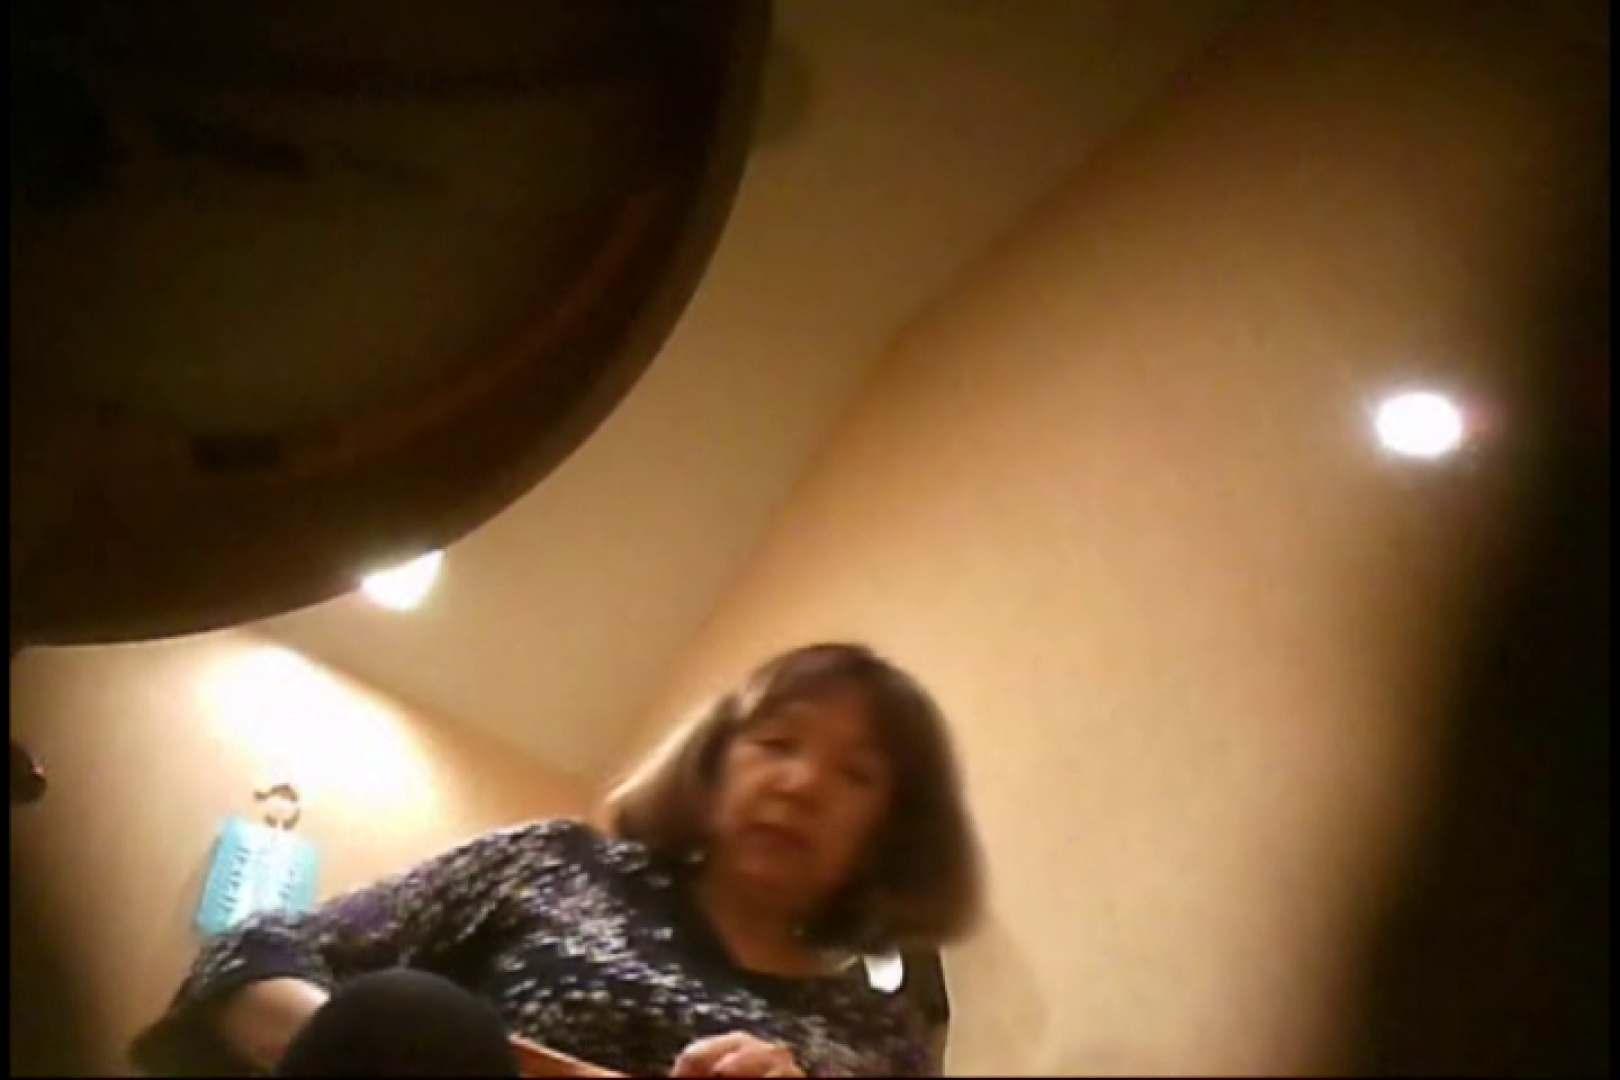 潜入!!女子化粧室盗撮~絶対見られたくない時間~vo,126 熟女のエロ動画 のぞき動画キャプチャ 108PIX 39